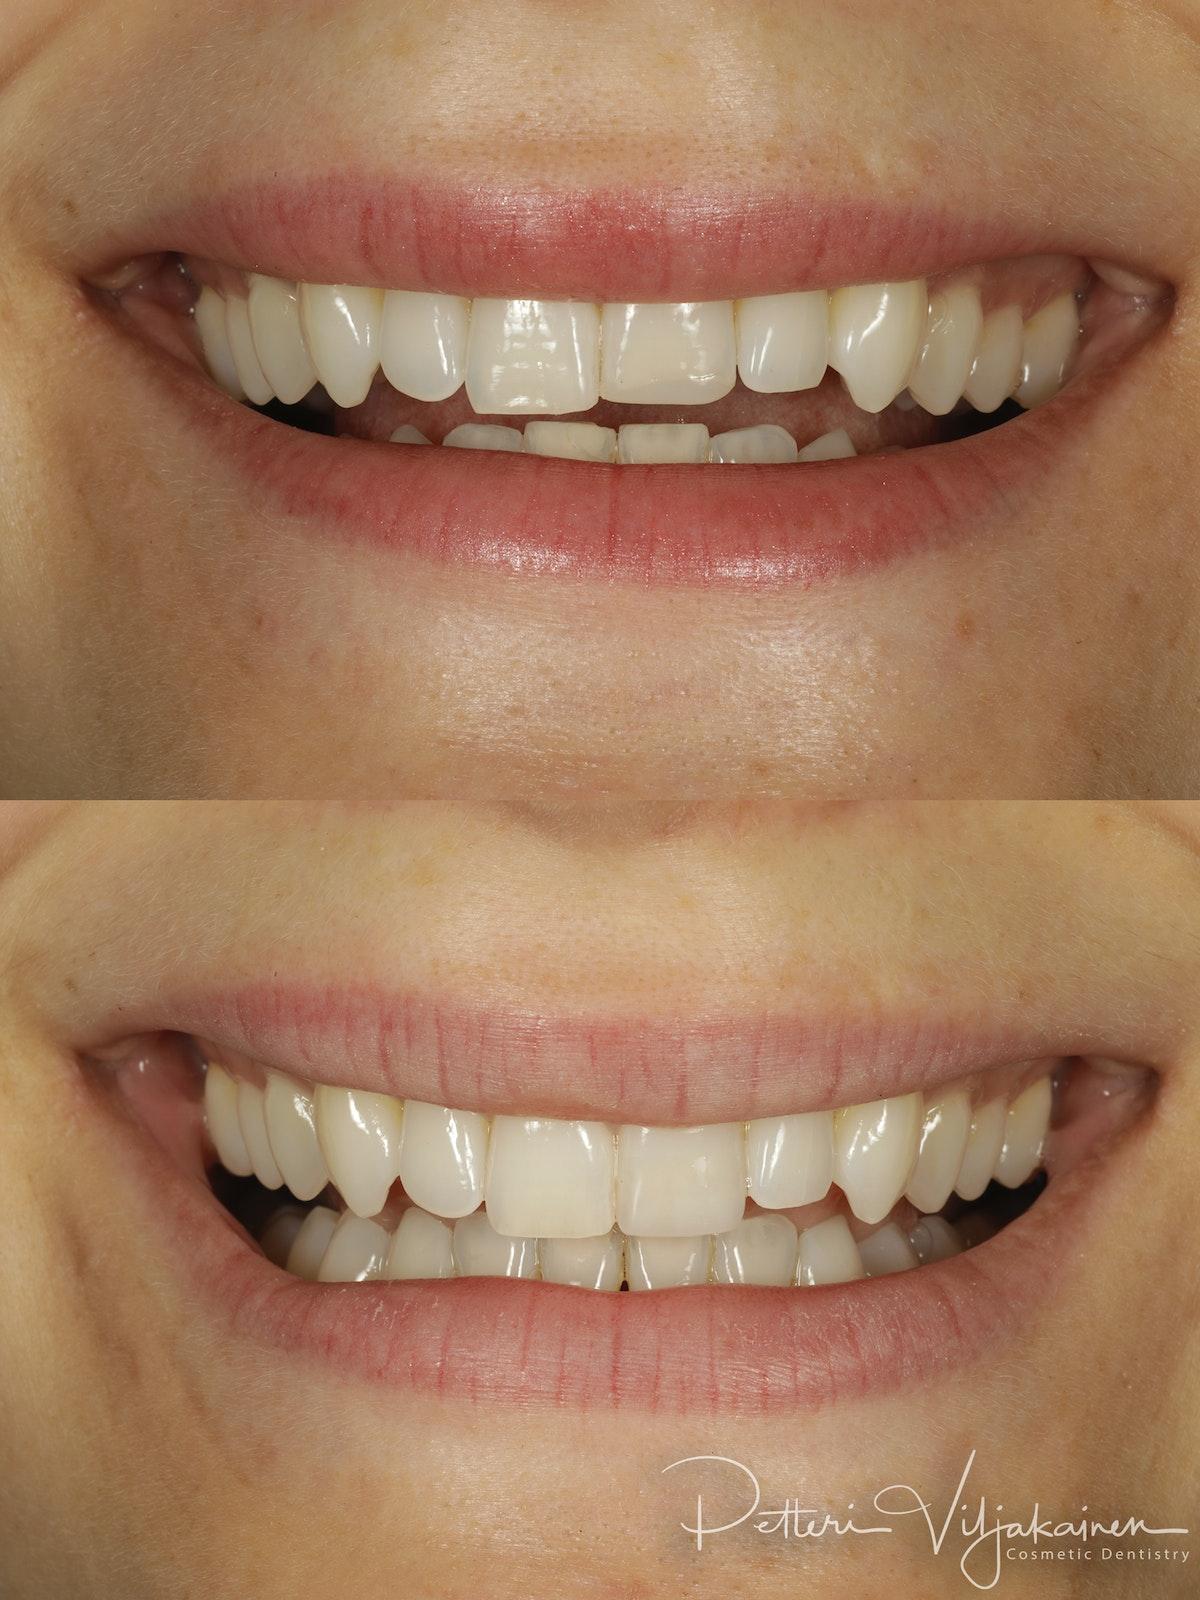 Esteettinen hammashoito lopputilanne. Valmis kerrostustekniikalla valmistettu yhdistelmämuovitäyte paikoillaan.